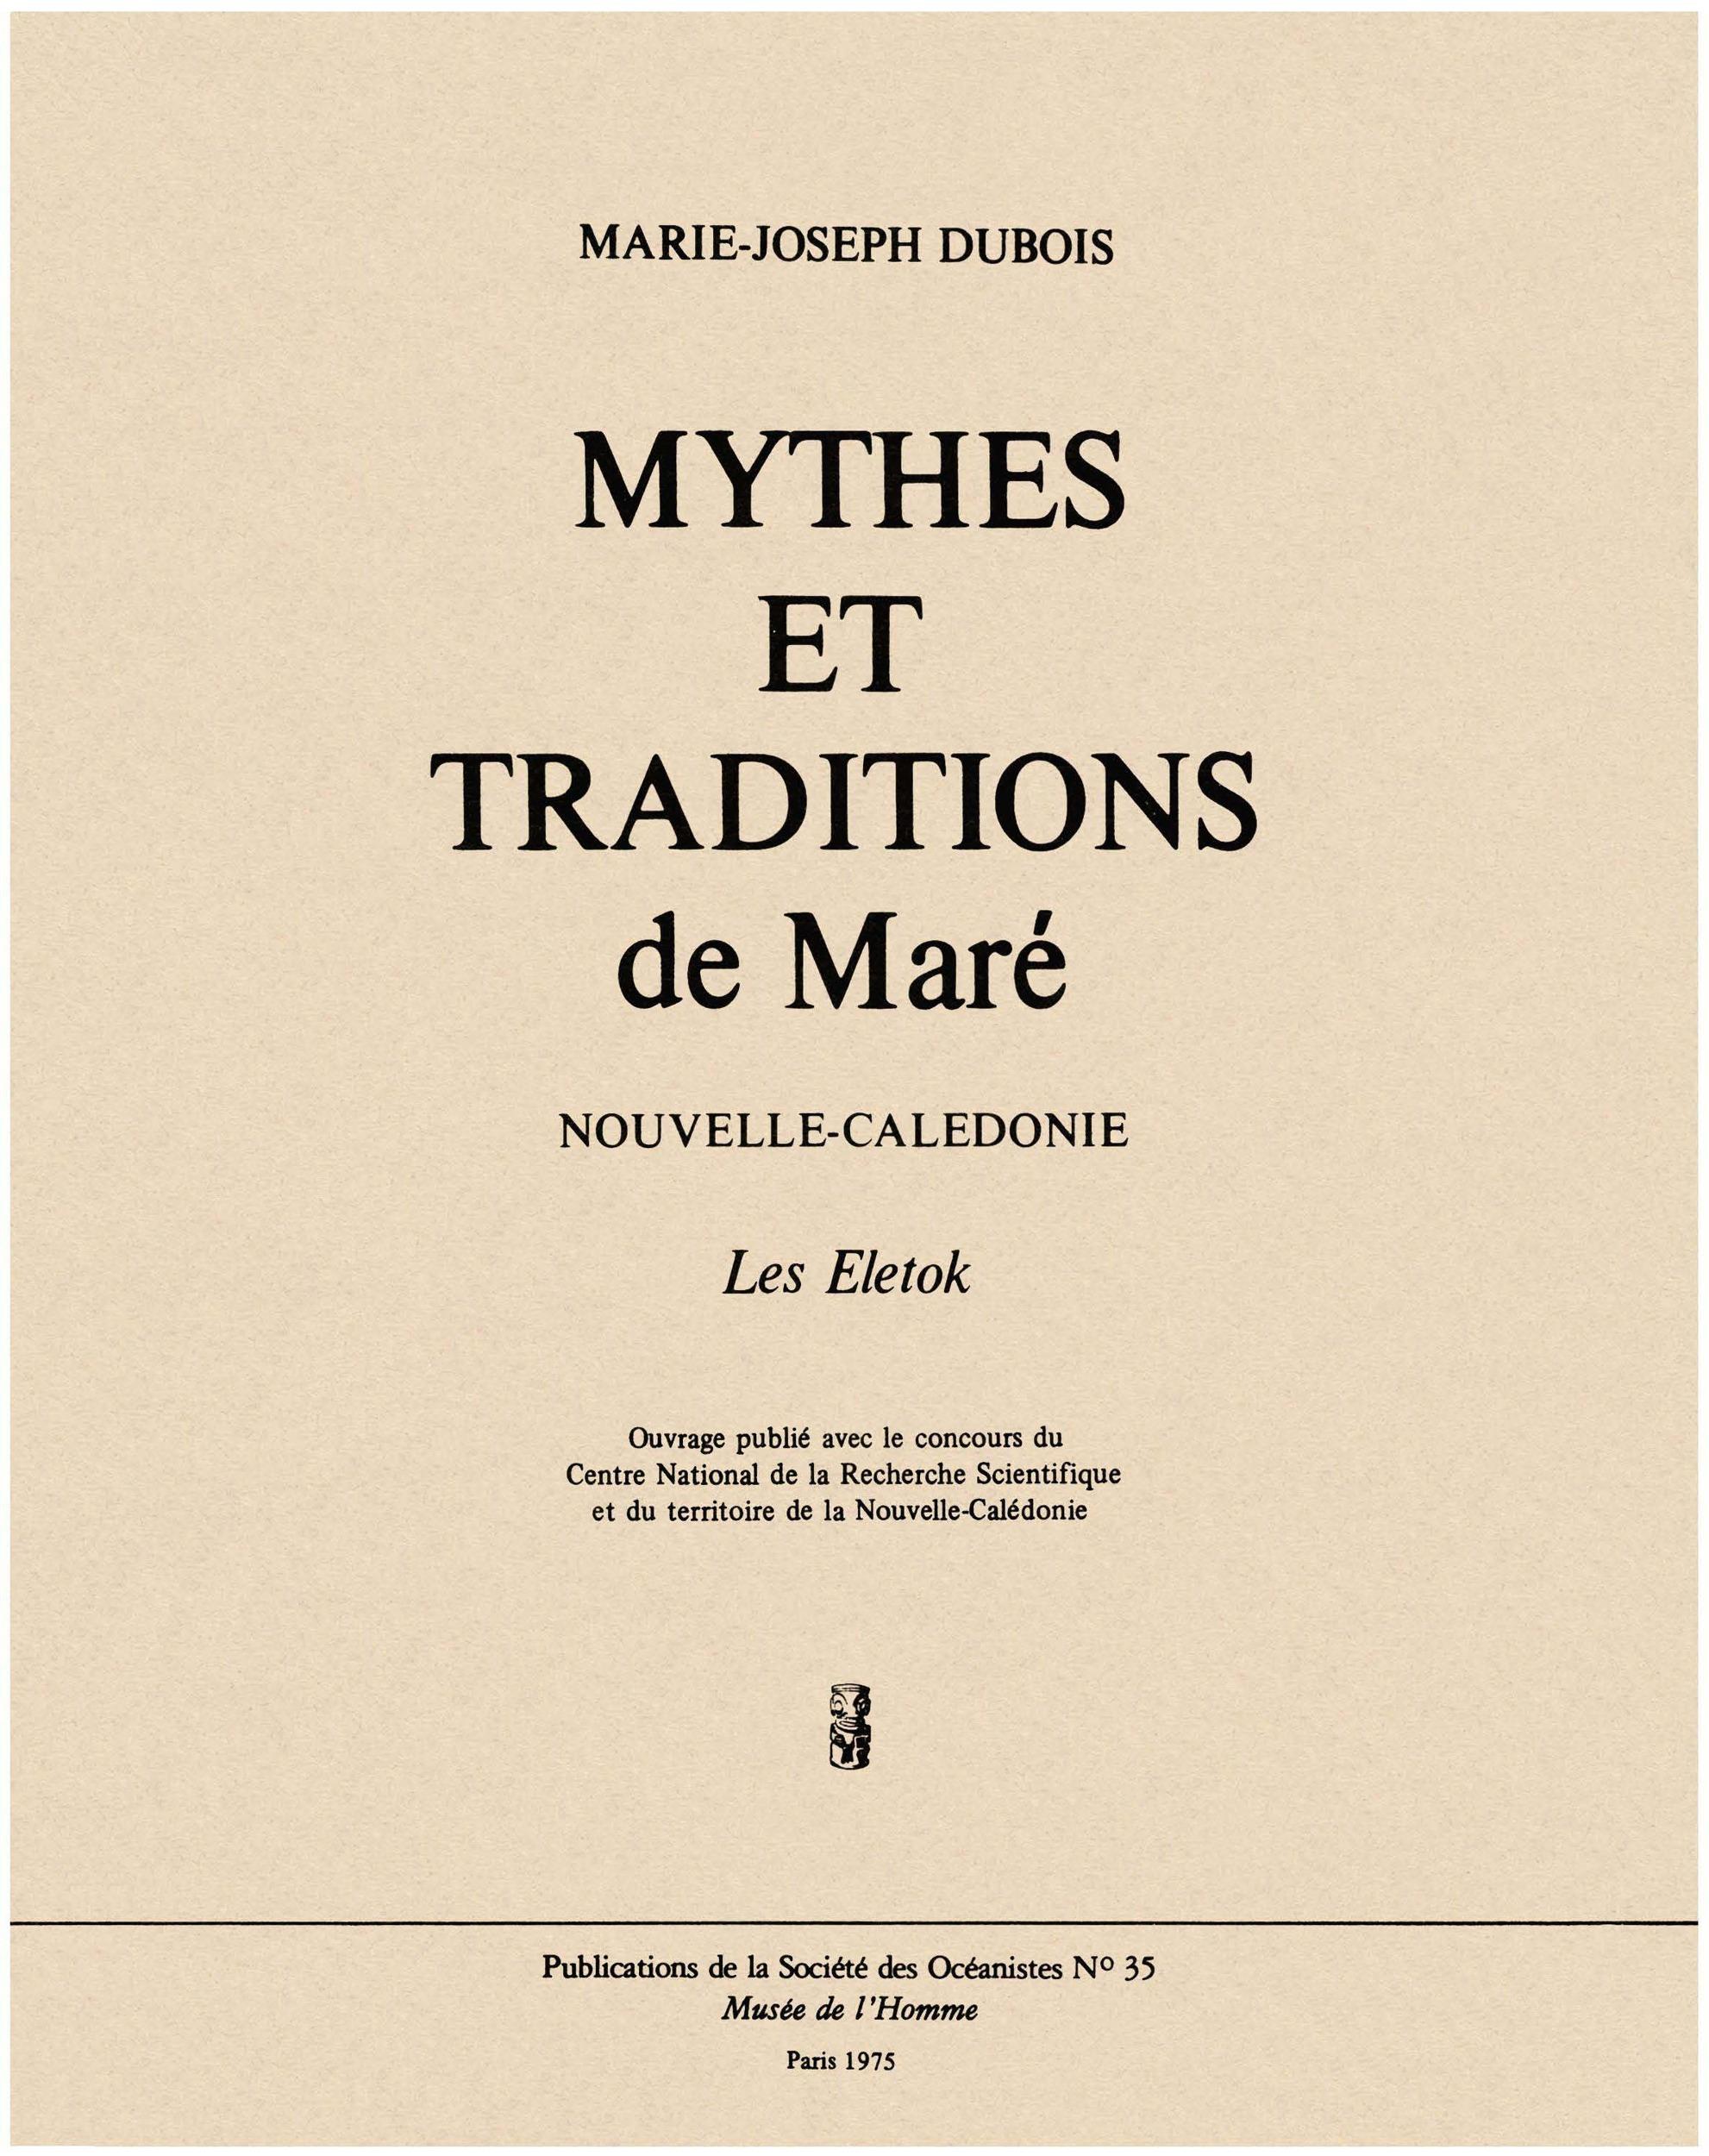 Mythes et traditions de Maré